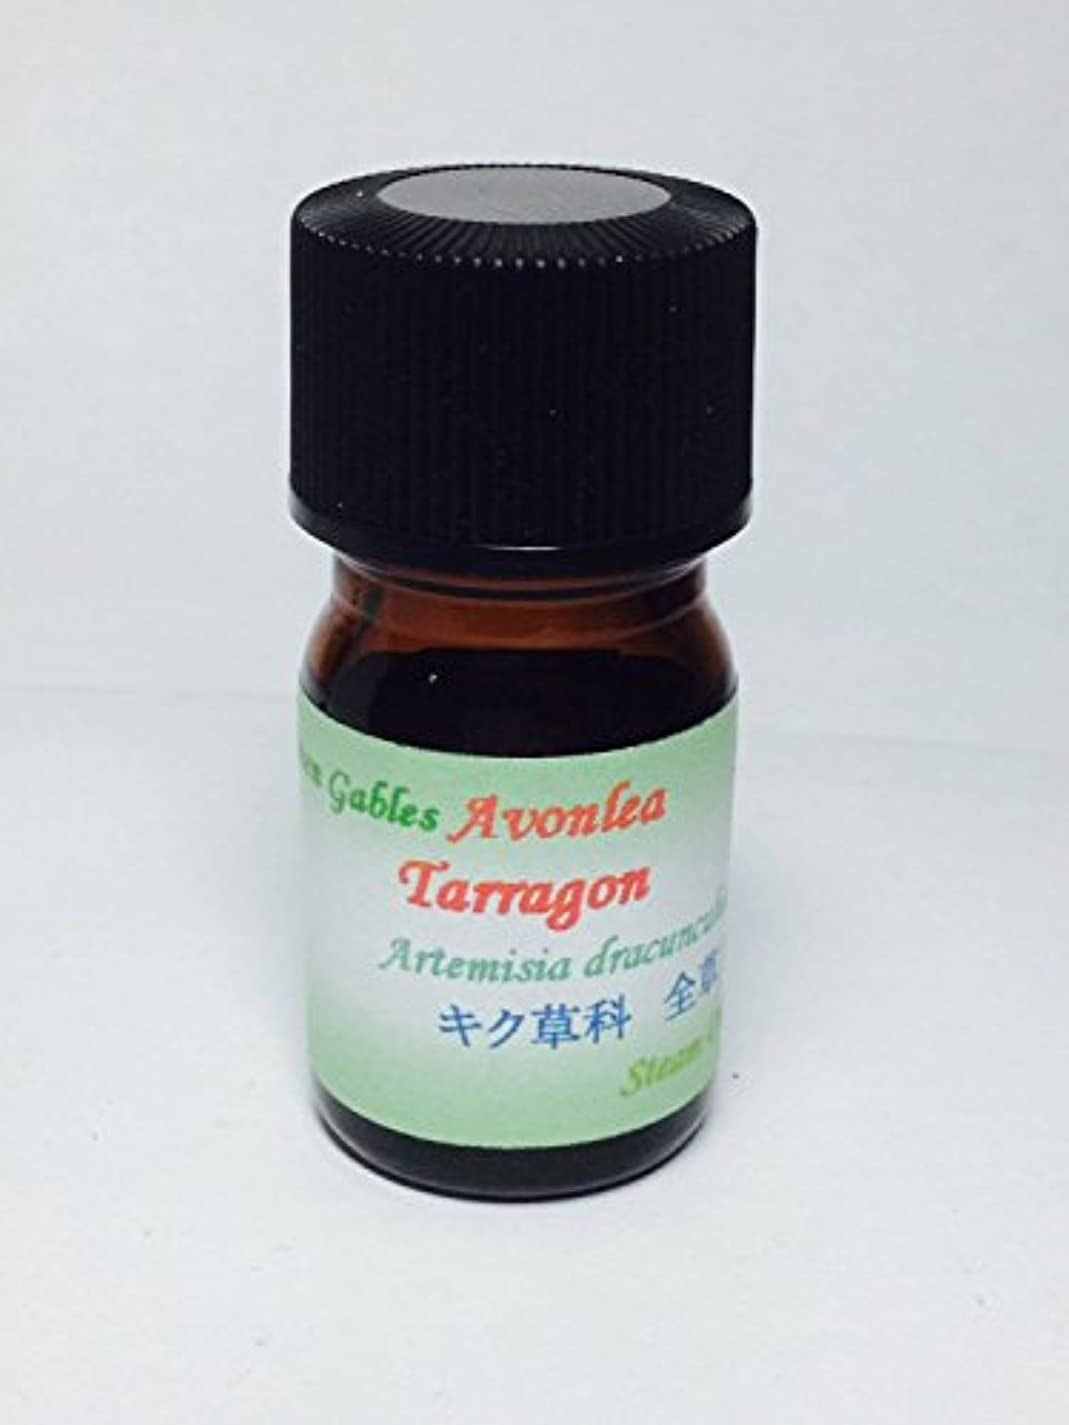 ヤギクリームモバイルタラゴン ( エストラゴン ) 100% ピュア エッセンシャル オイル 高級精油 5ml